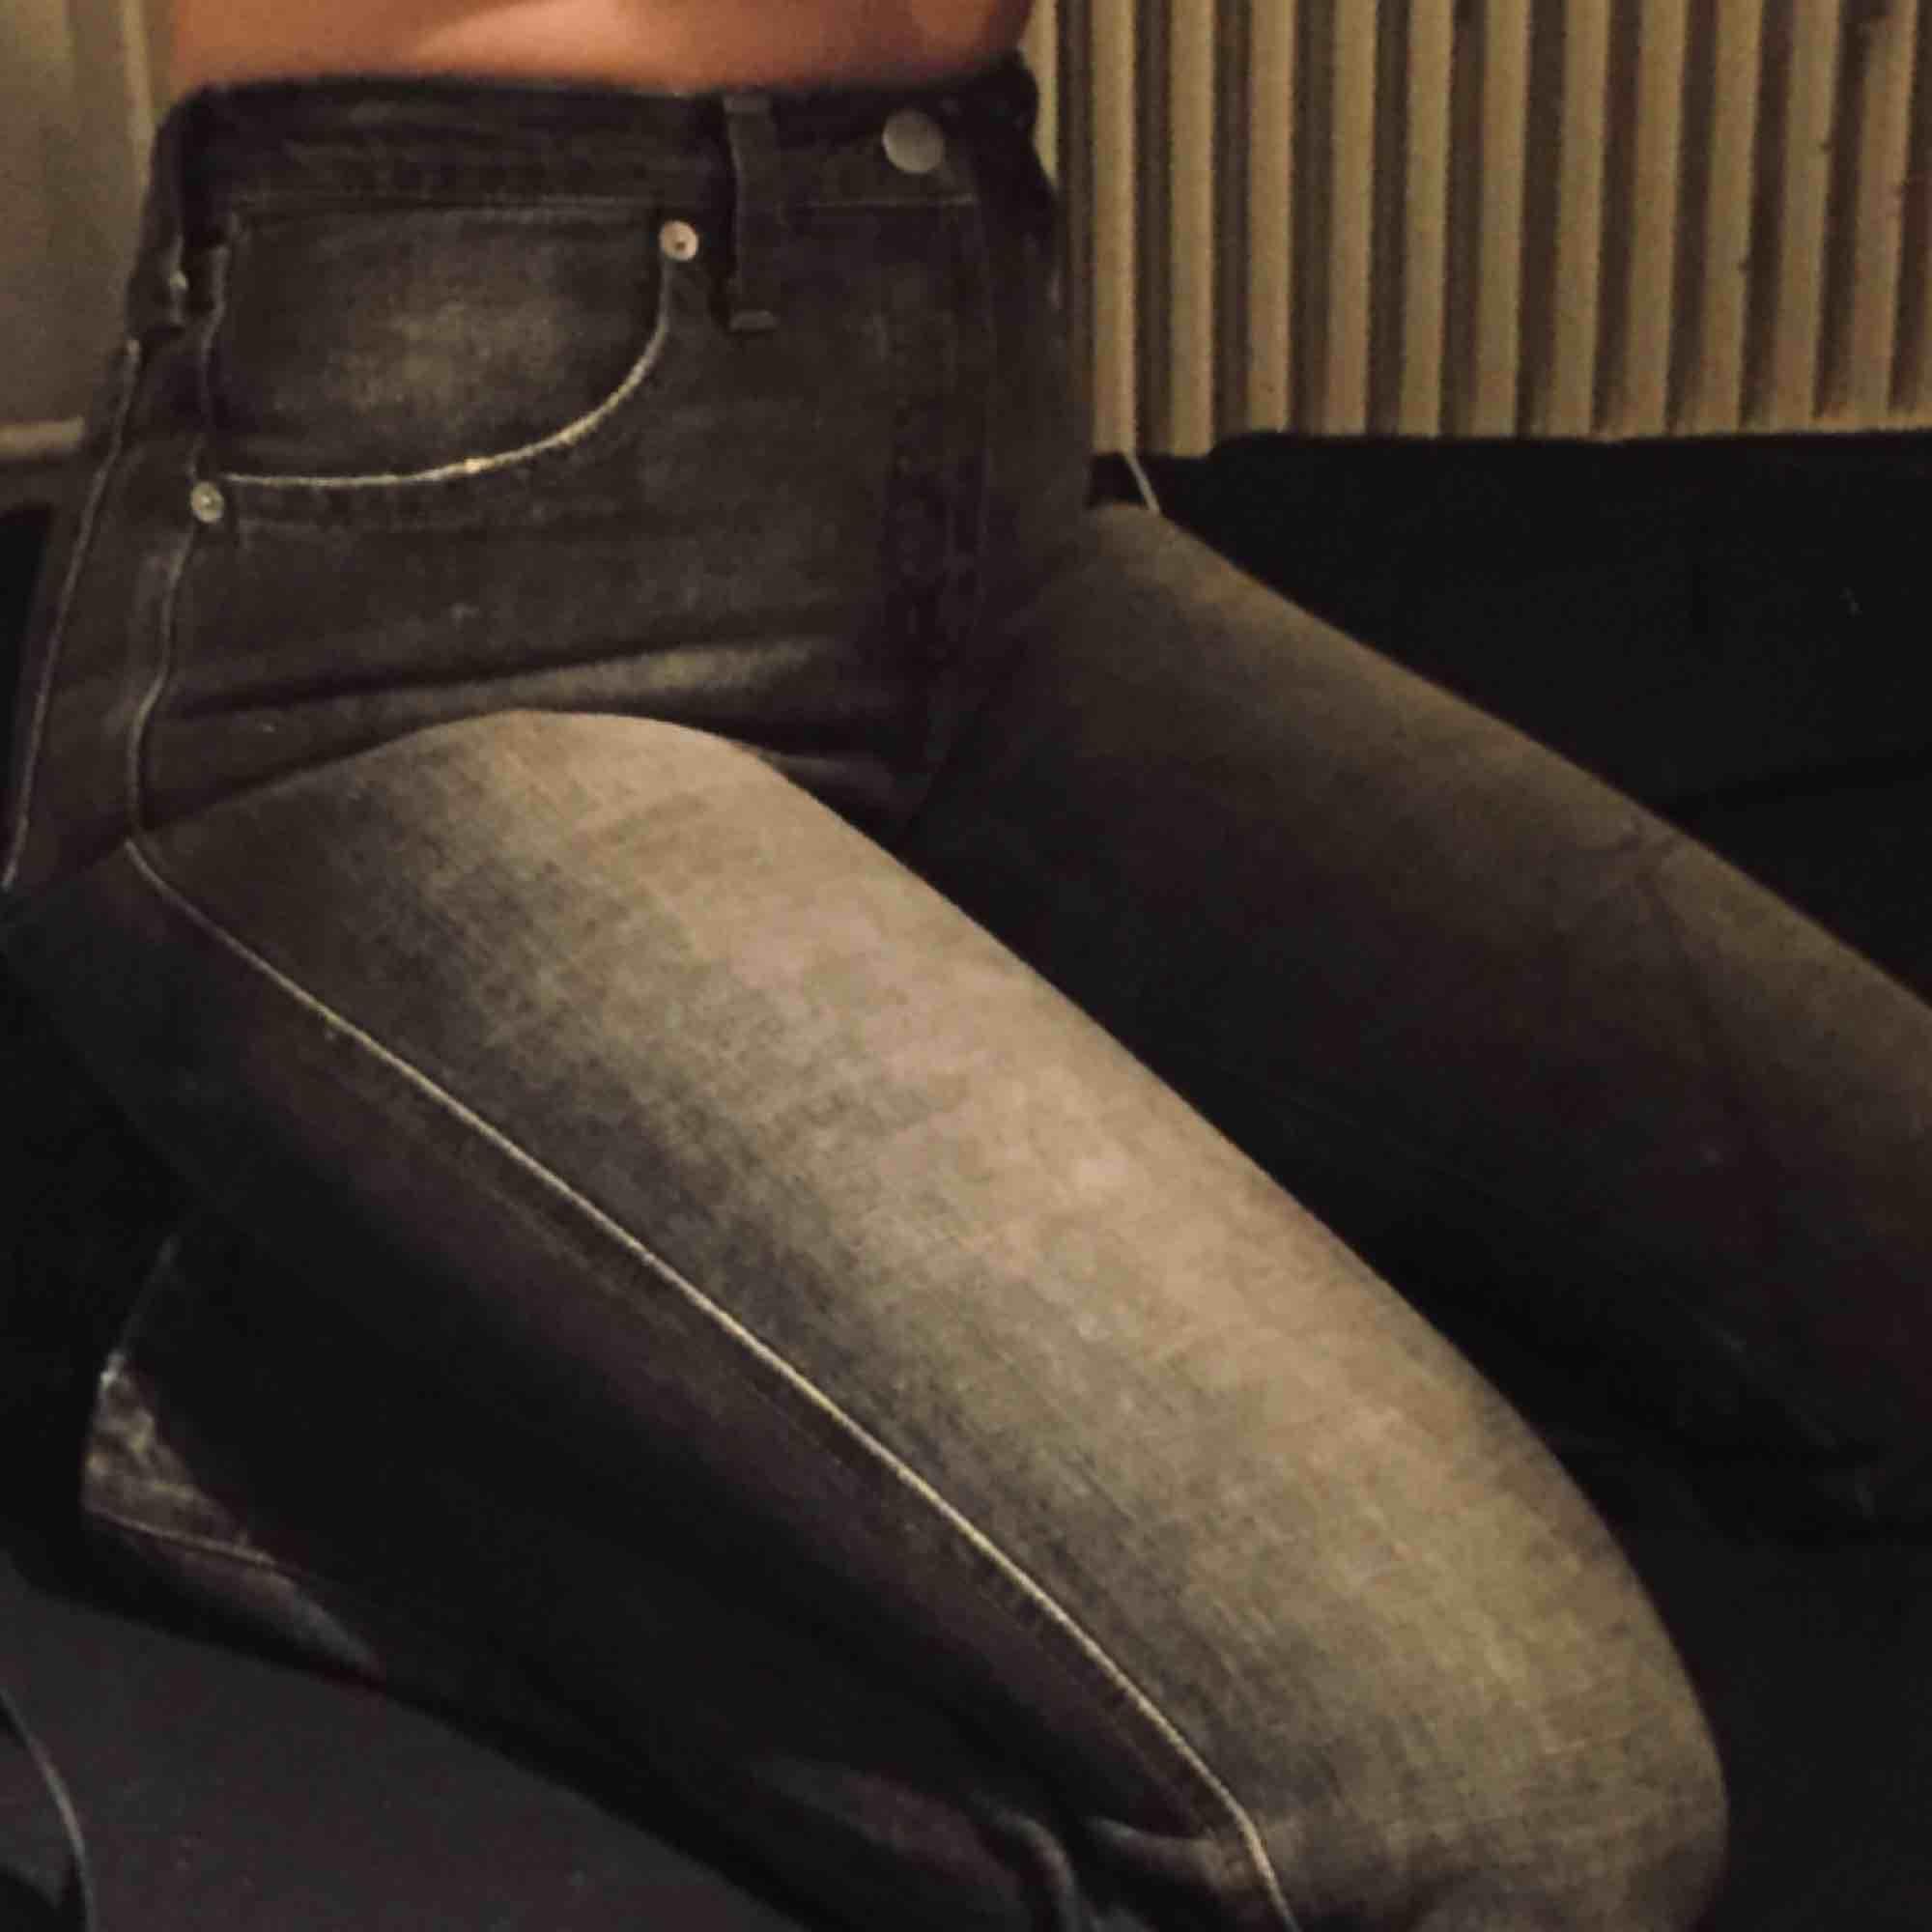 asballa armani-jeans! verkl 2 die for🥺 perfekta grå-svarta färgen! säljer endast pga liiite för små på mig😢 (strl 28 men små i storleken imo) frakt tillkommer! . Jeans & Byxor.